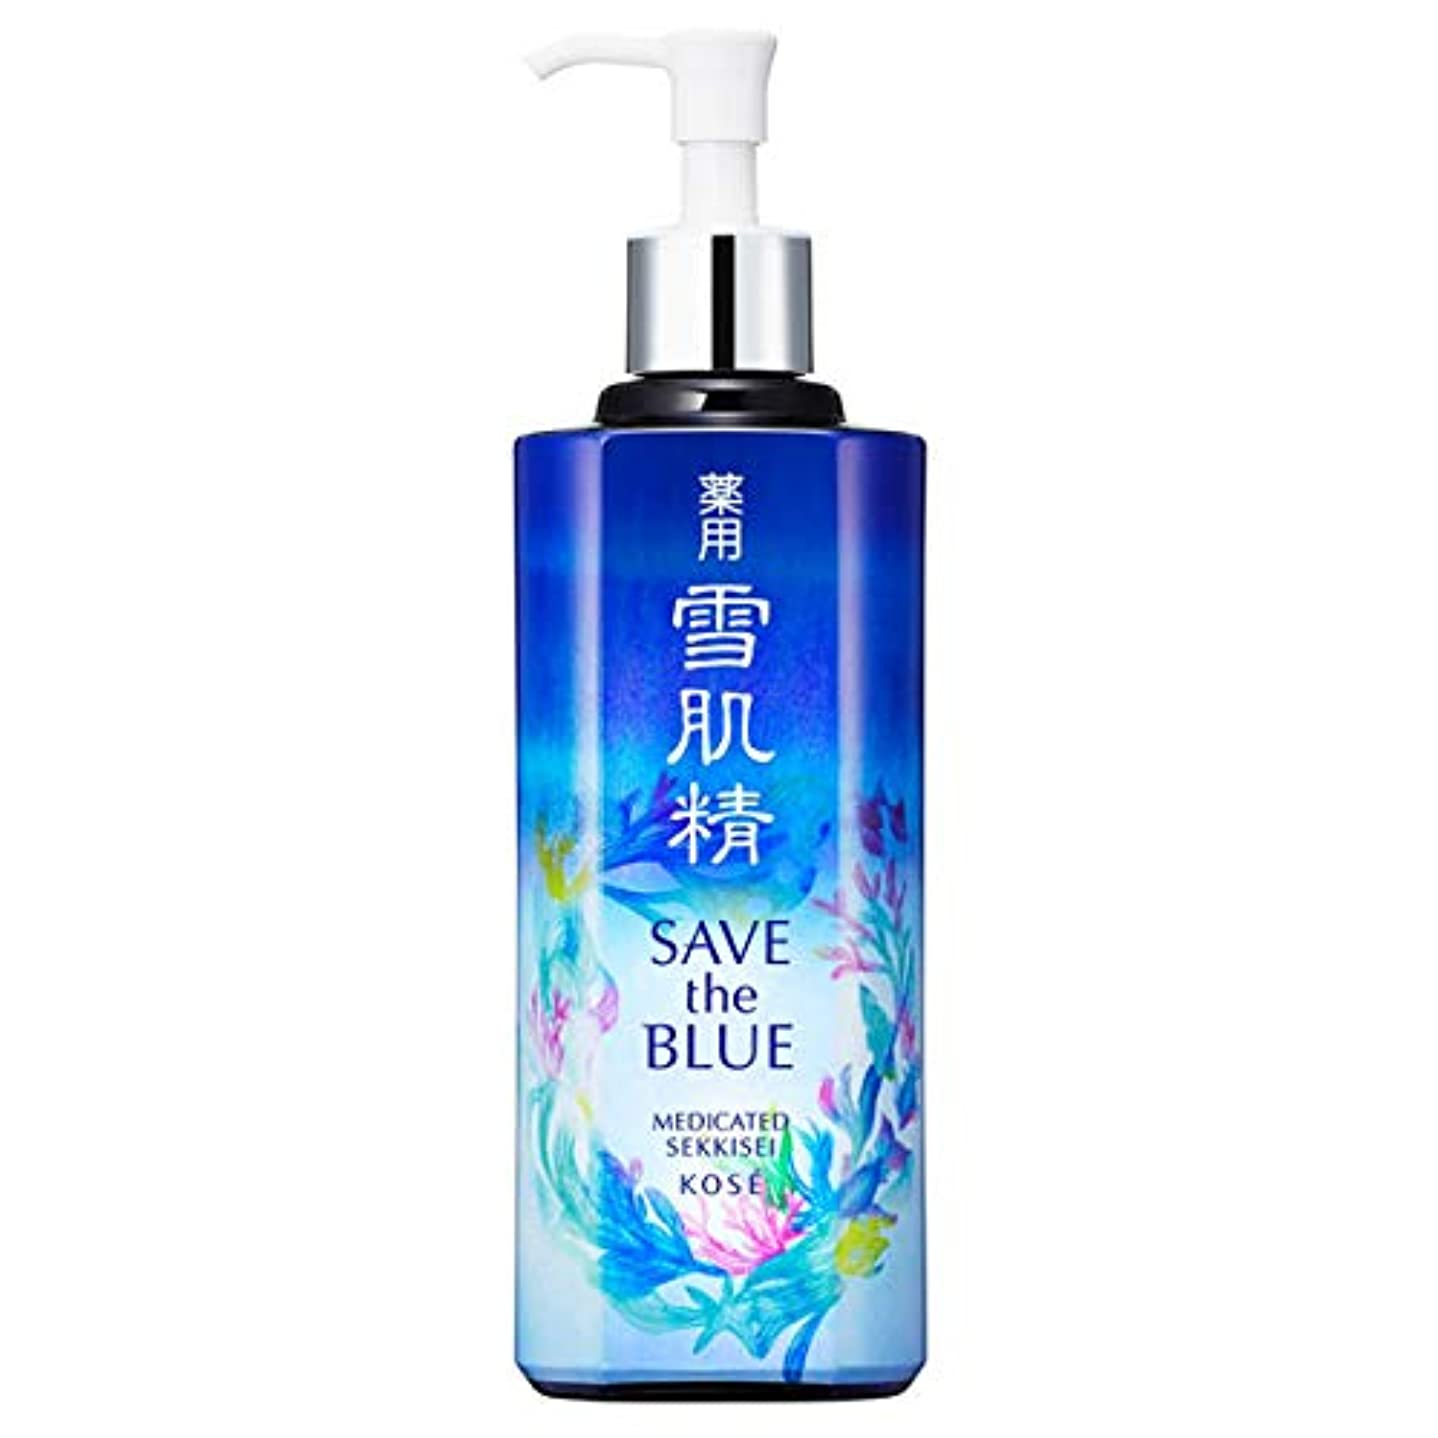 ブレーキ田舎腸コーセー 雪肌精 化粧水 「SAVE the BLUE」デザインボトル(みずみずしいタイプ) 500ml【限定】 [並行輸入品]